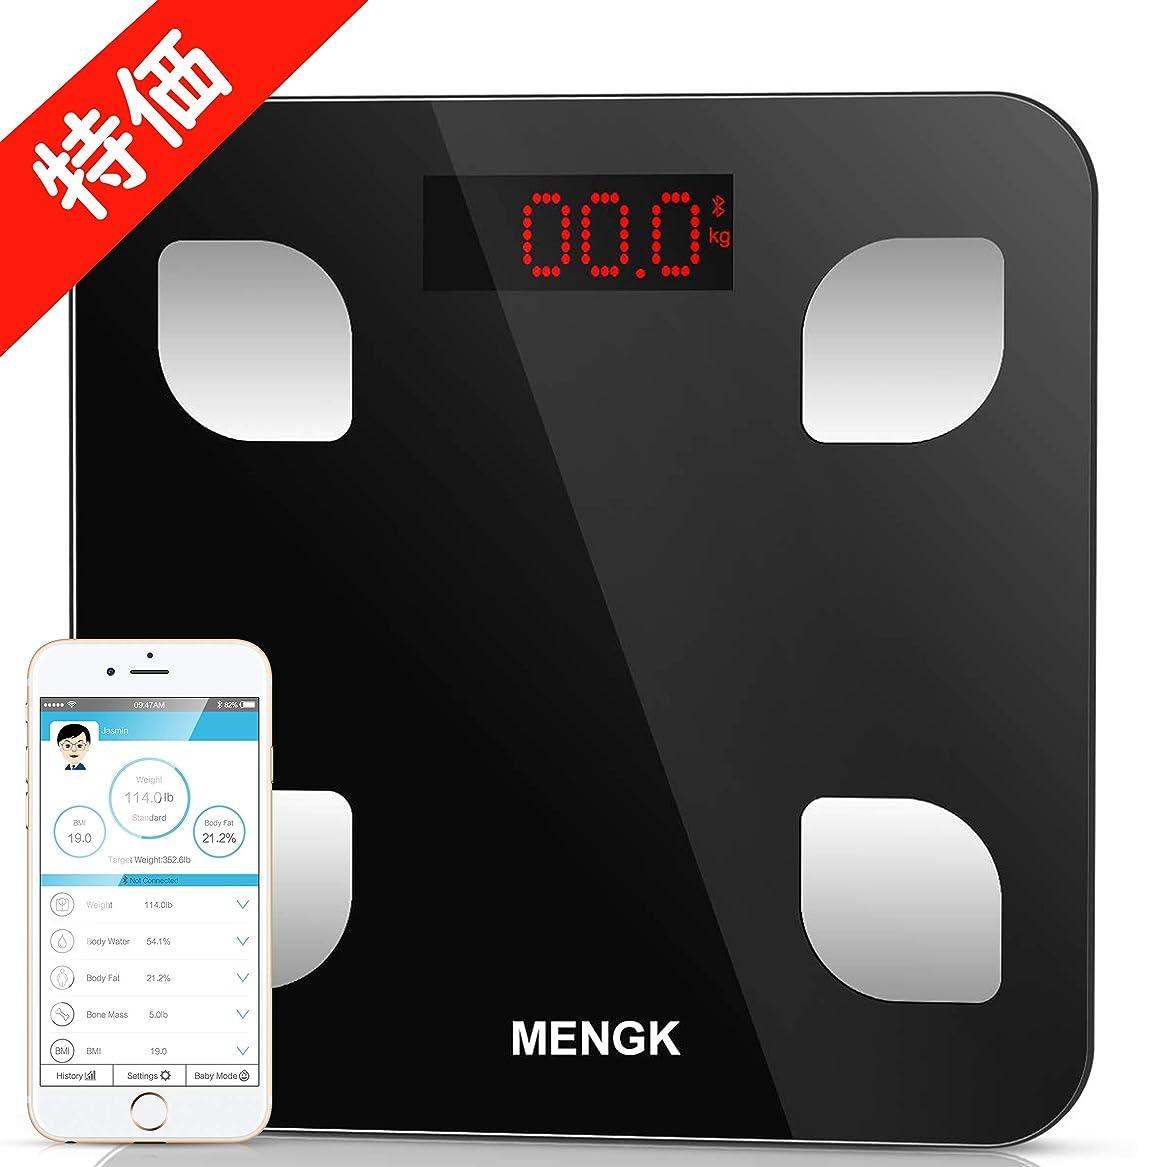 でる中性ペグ体脂肪計、 Mengk 高精度 bluetooth体重?体組成計 体重/体脂肪/体脂水分/BMIなど測定可能 ブラック